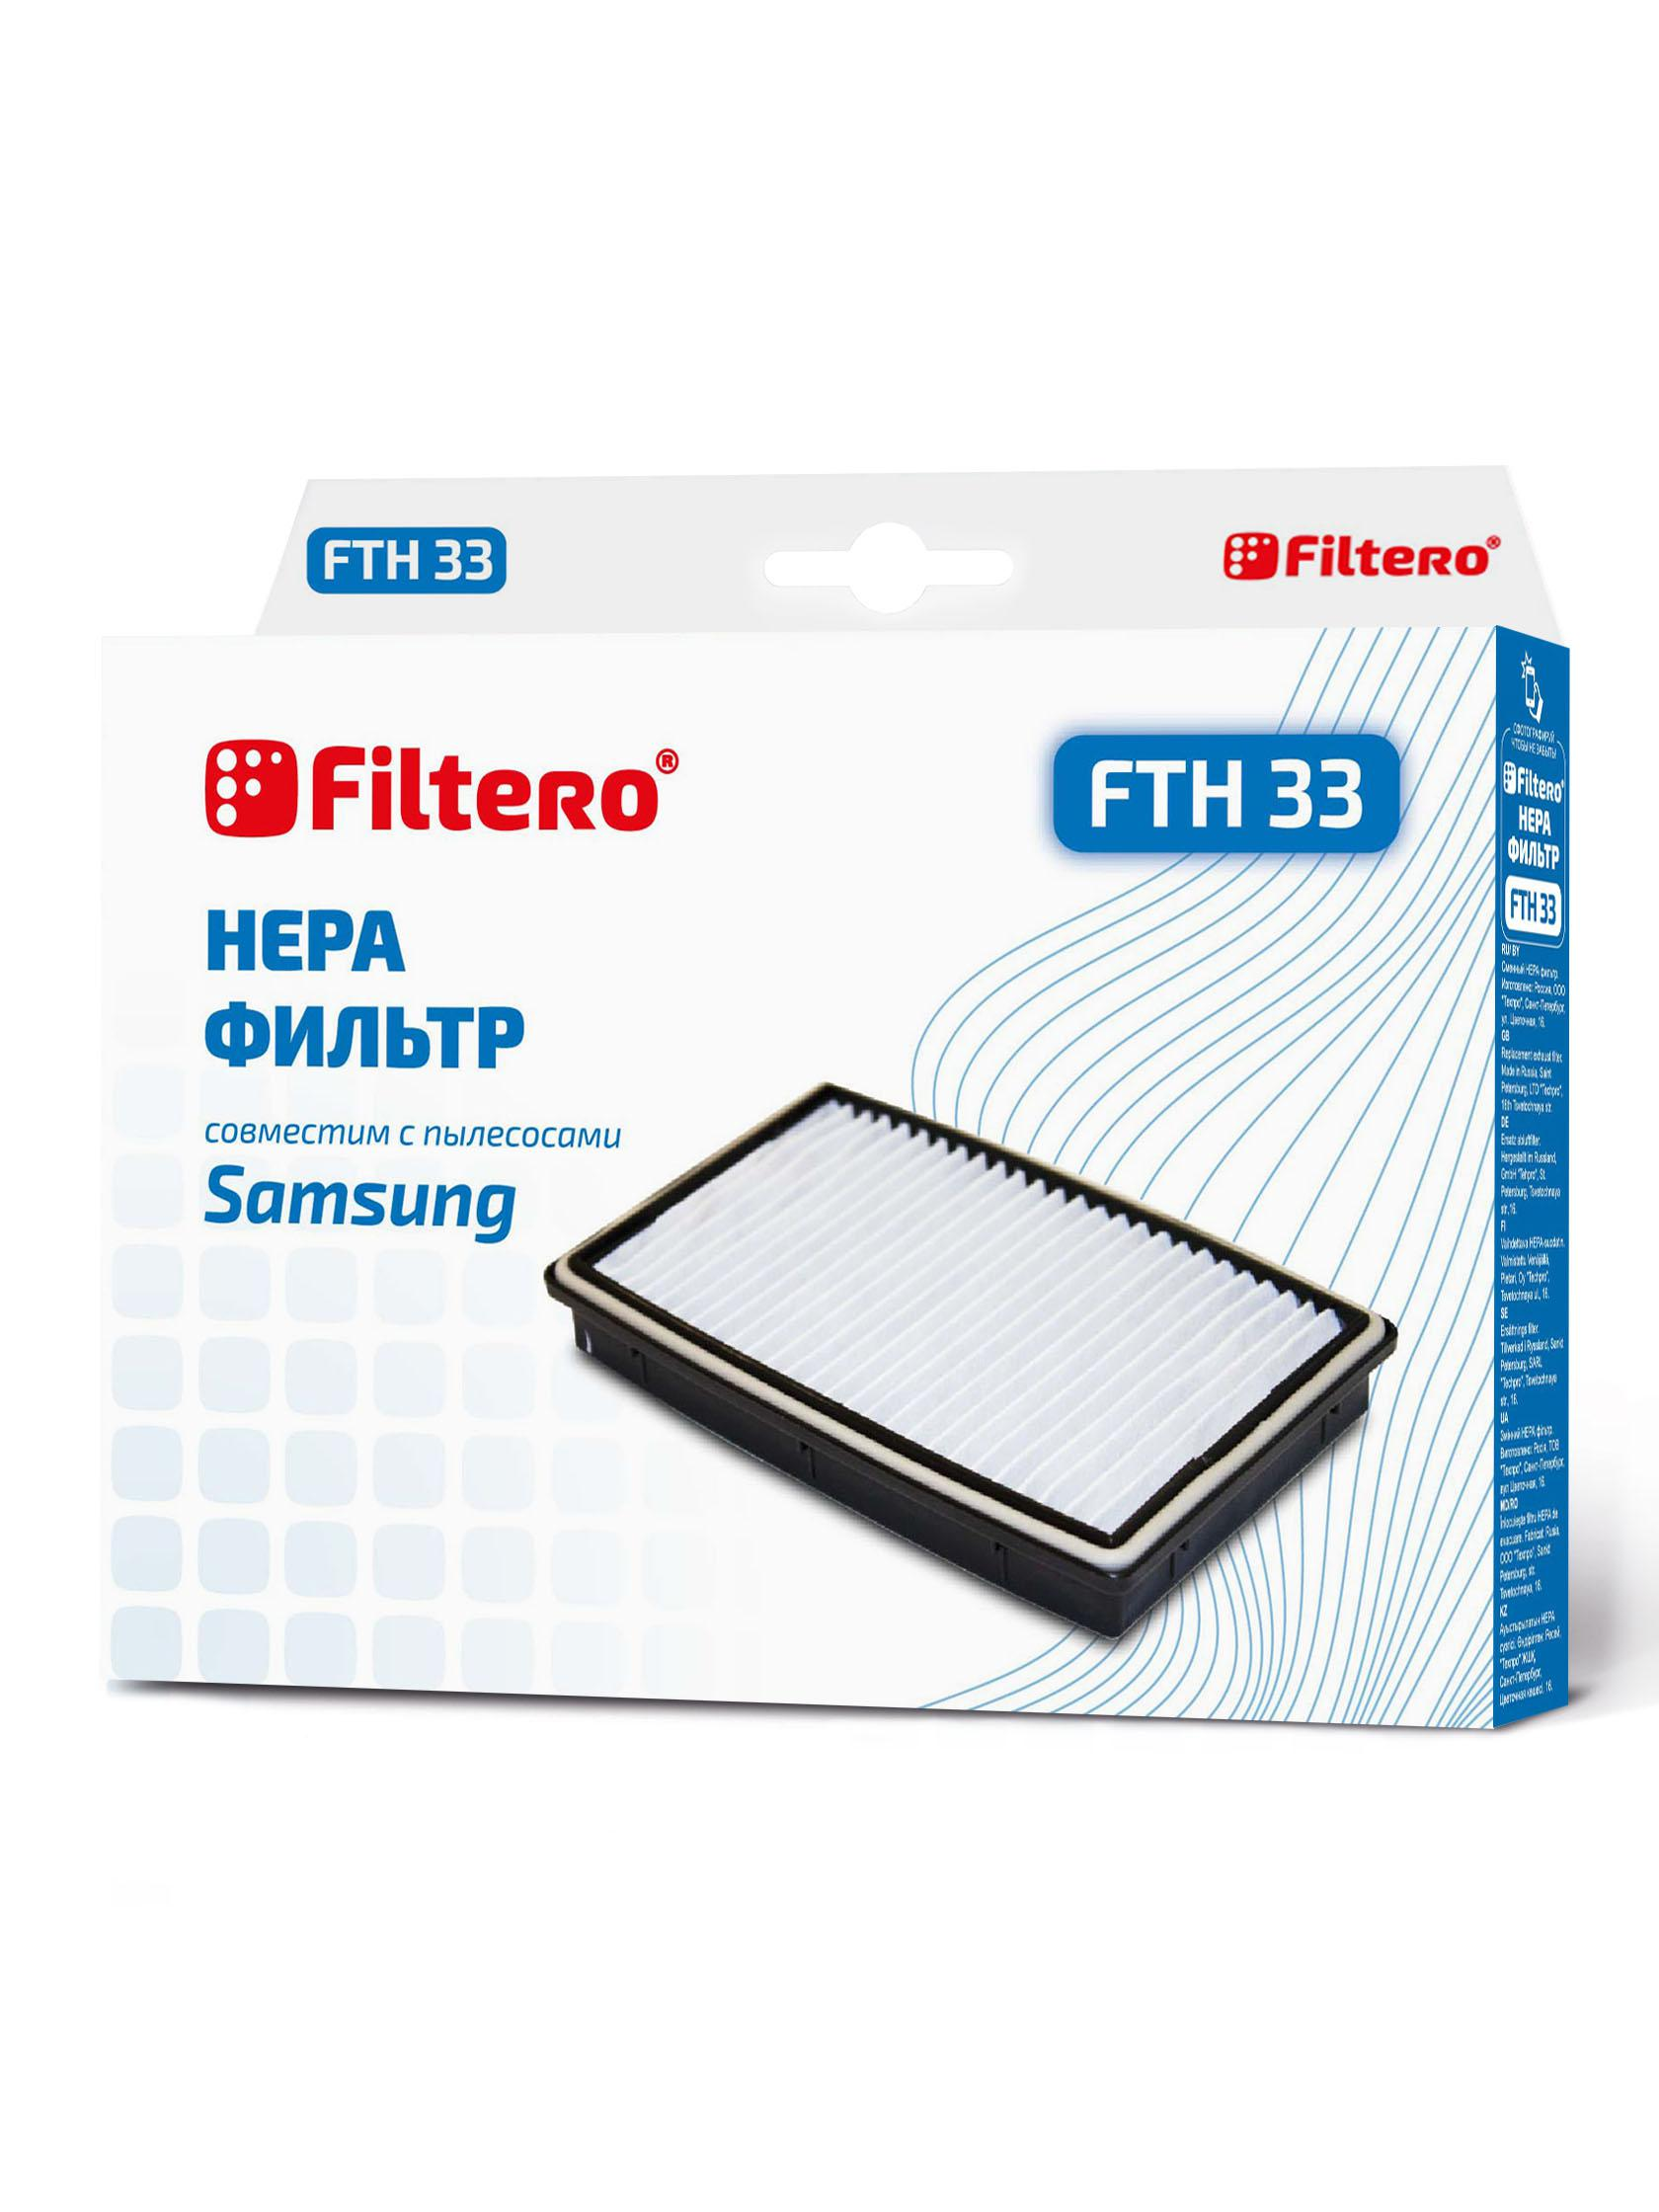 Фильтр Filtero Fth 33 hepa фильтр filtero fth 04 sam hepa для samsung